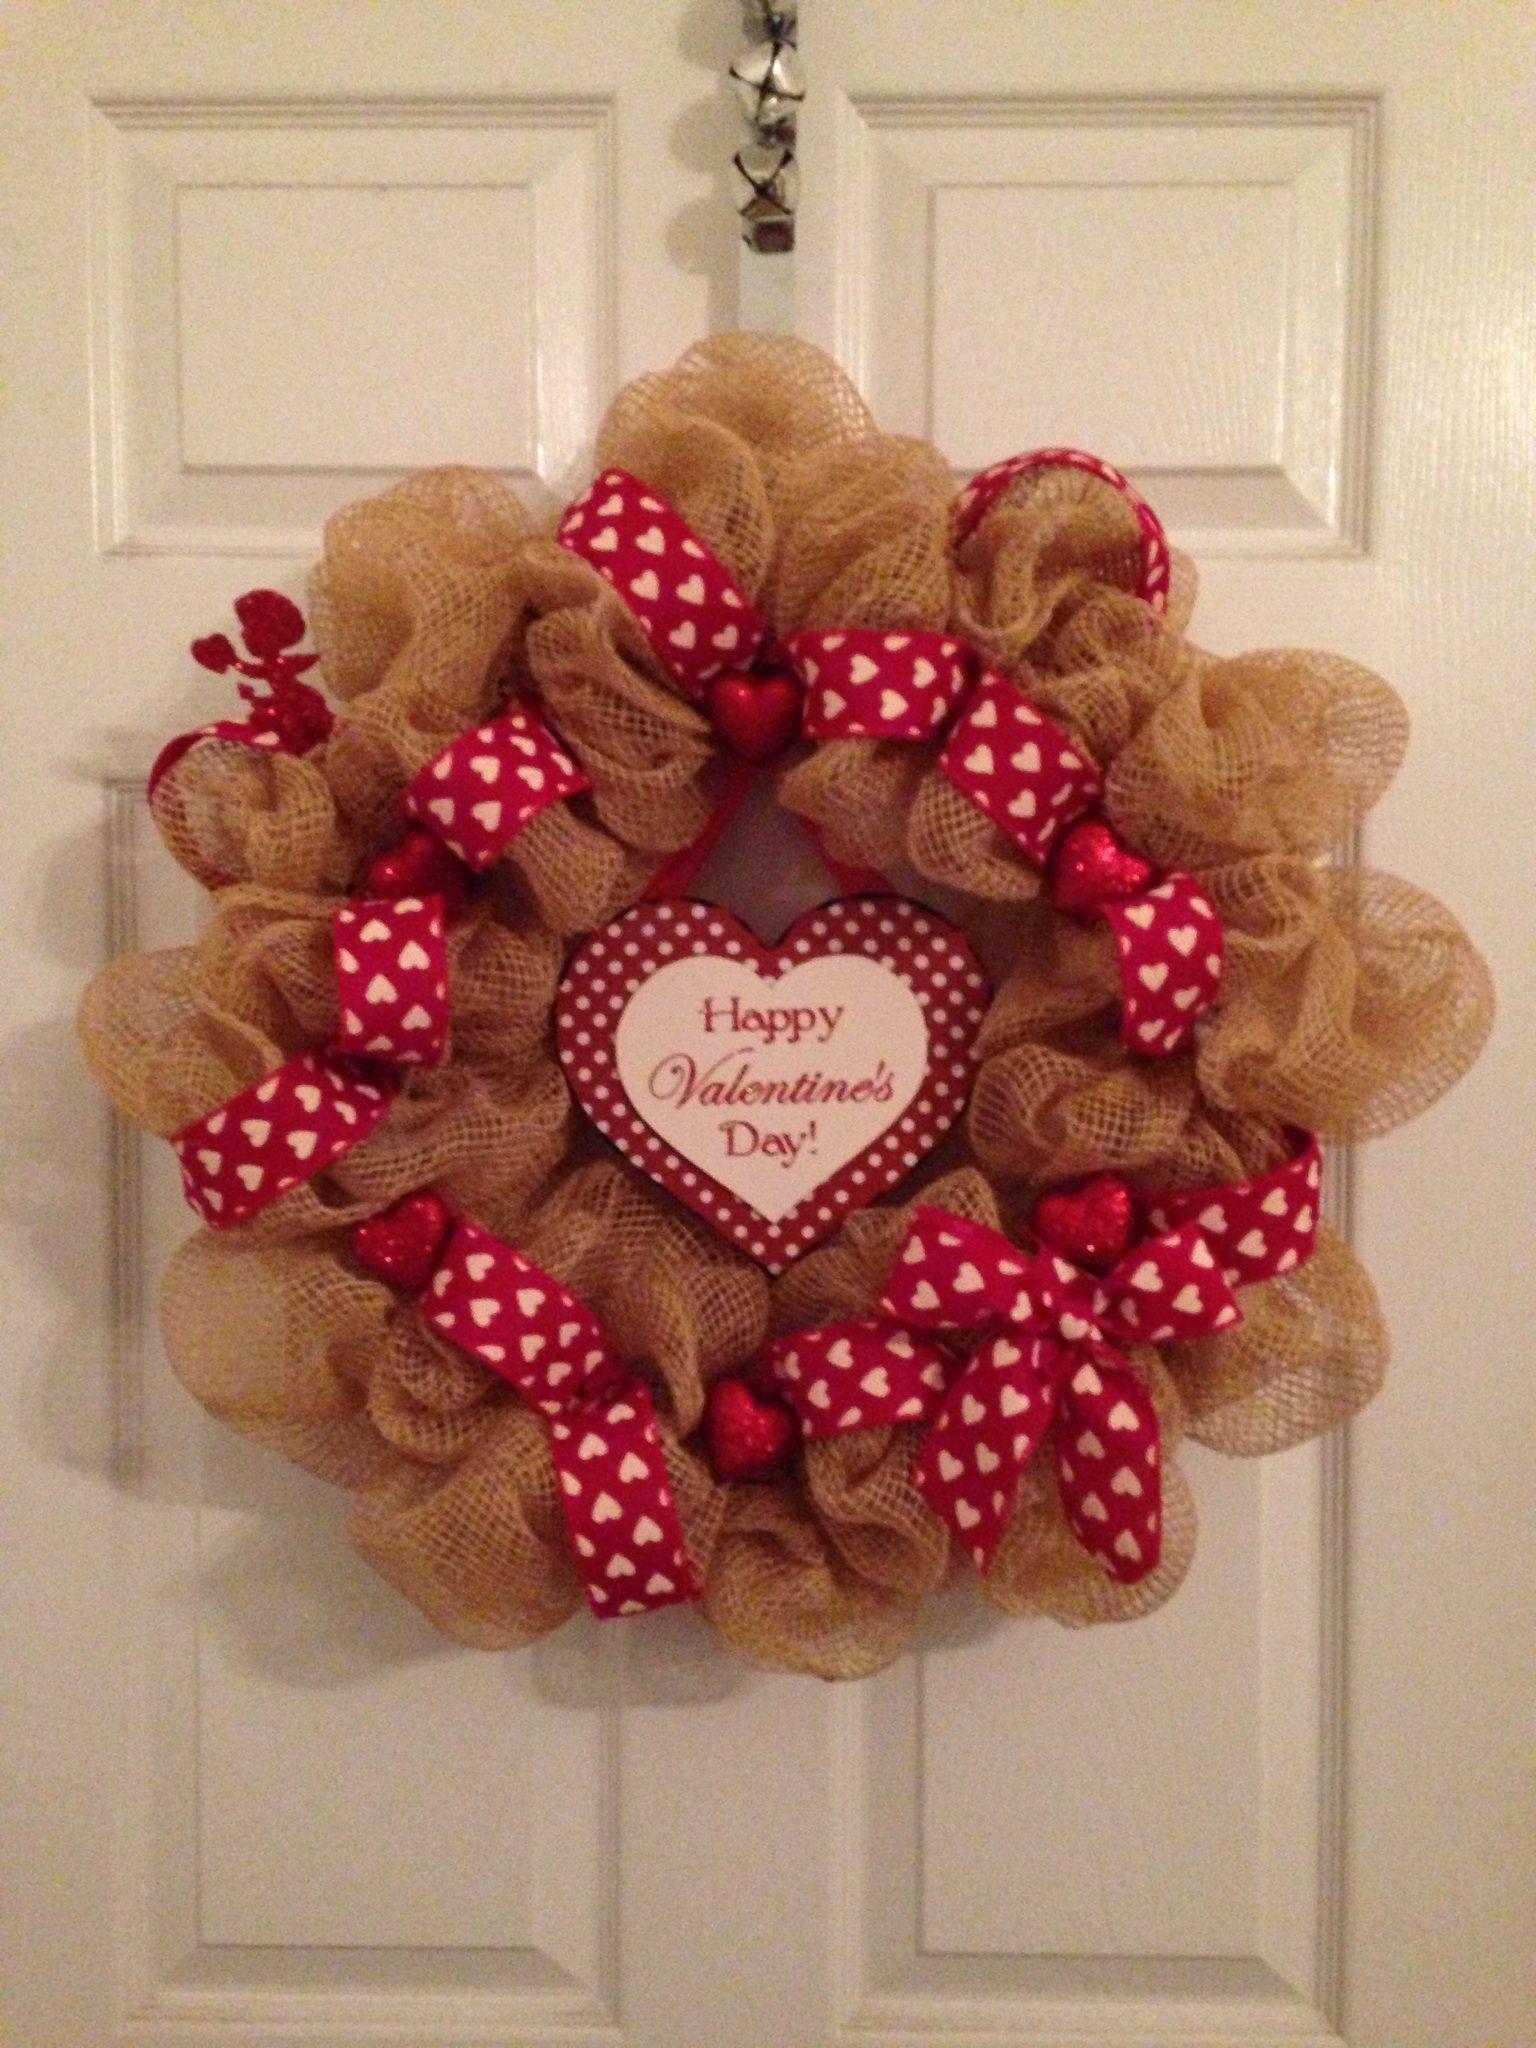 diy valentine's day craft ideas